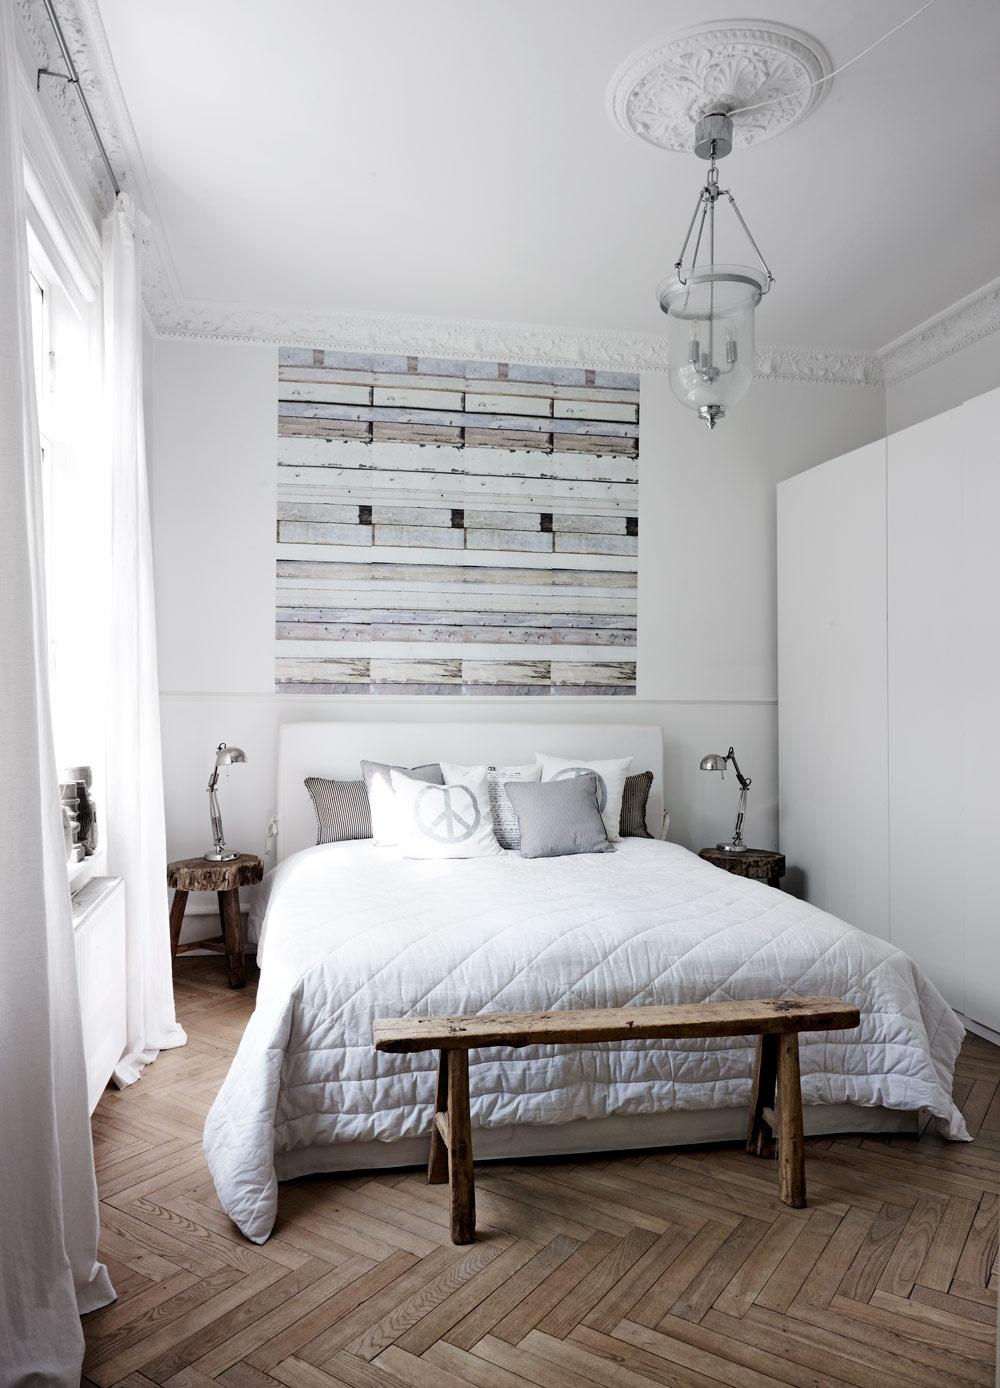 Với phòng ngủ có diện tích khiêm tốn, gam màu sáng sẽ vô cùng hữu ích